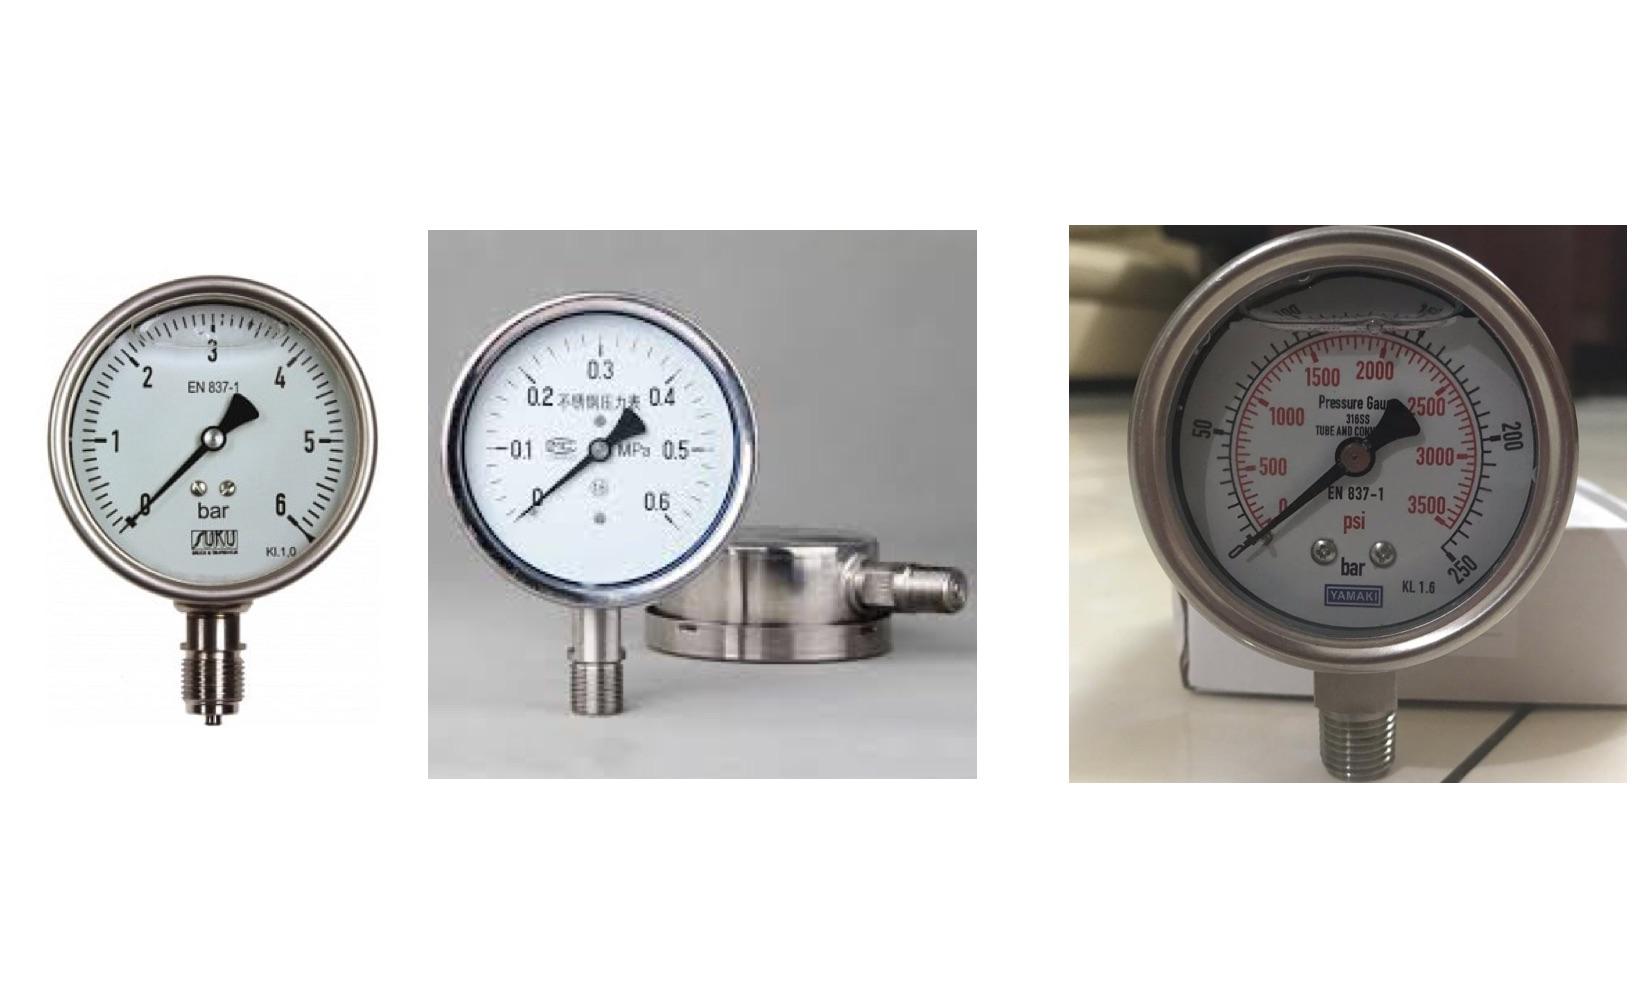 Cách chuyển đổi đơn vị áp suất